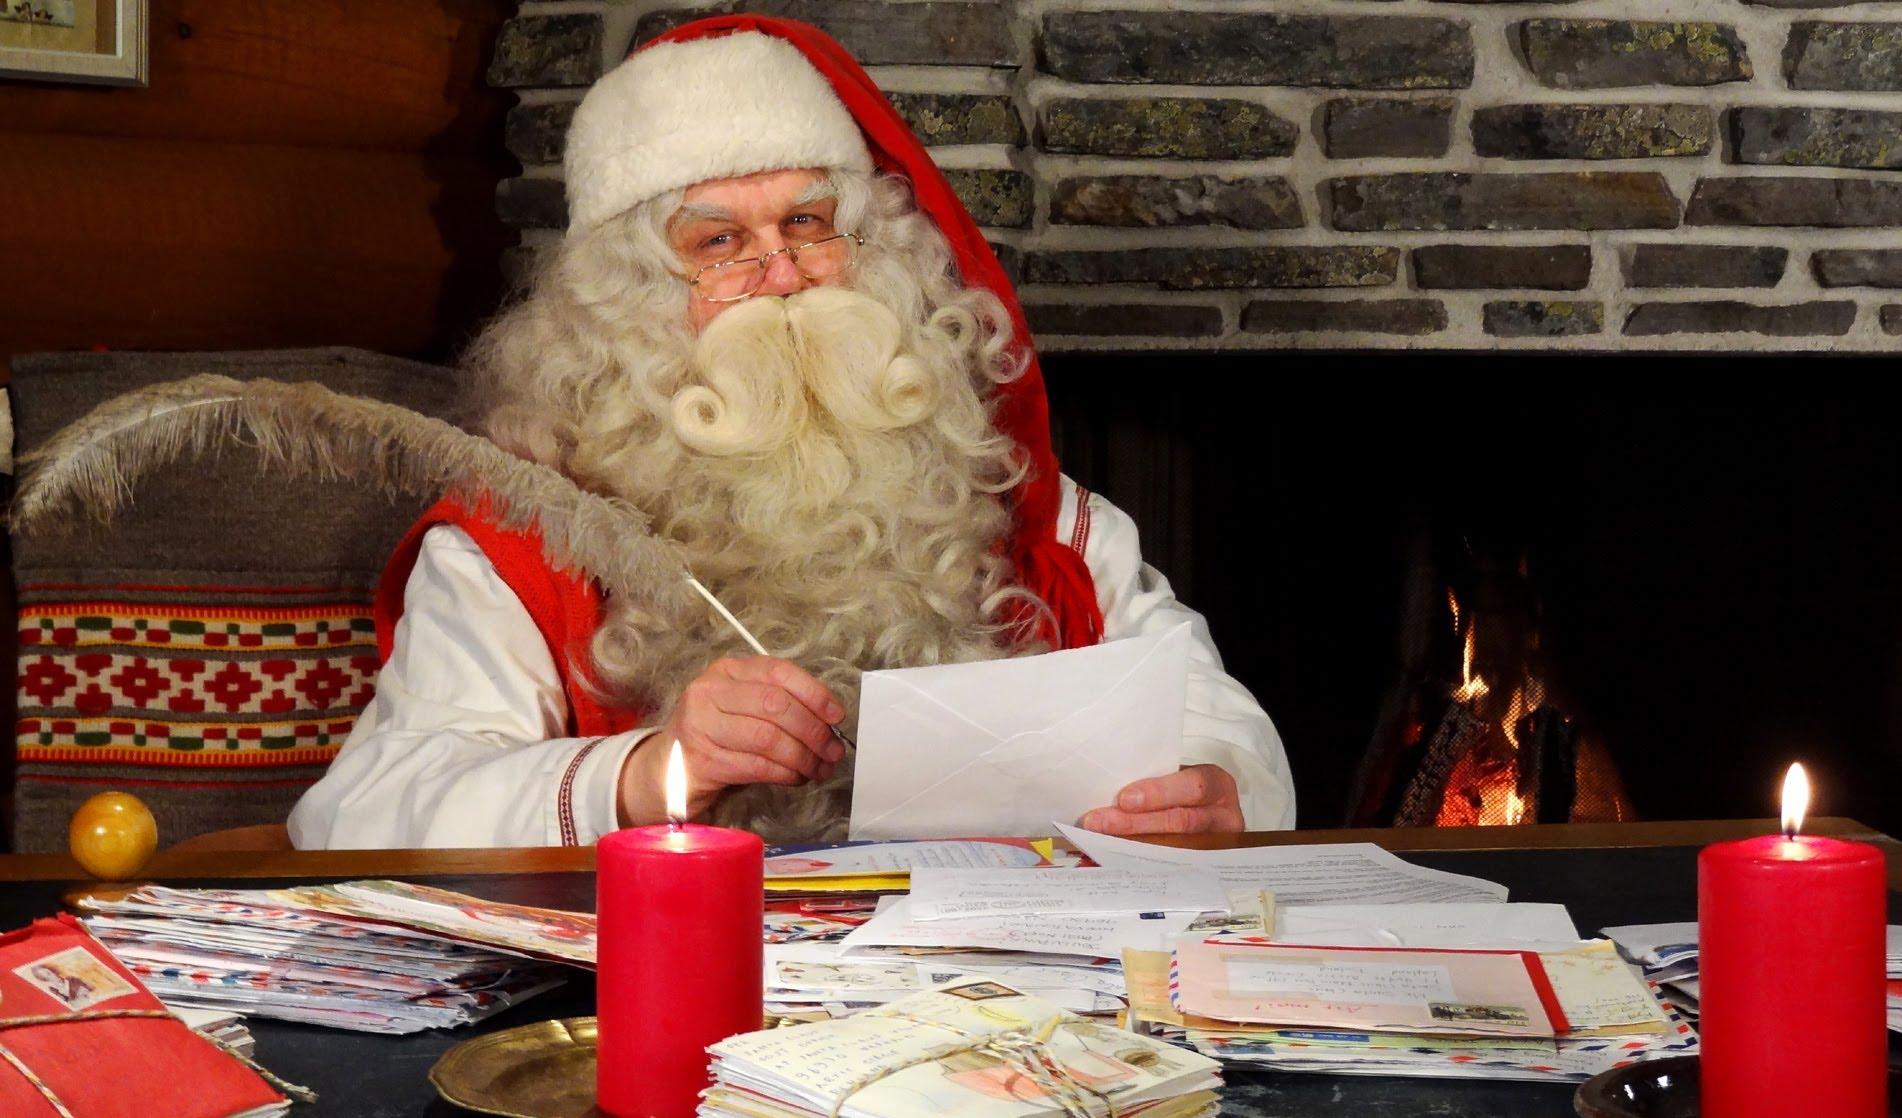 Rovaniemi Lapponia Babbo Natale.Intervista A Babbo Natale In Lapponia Finlandia Rovaniemi